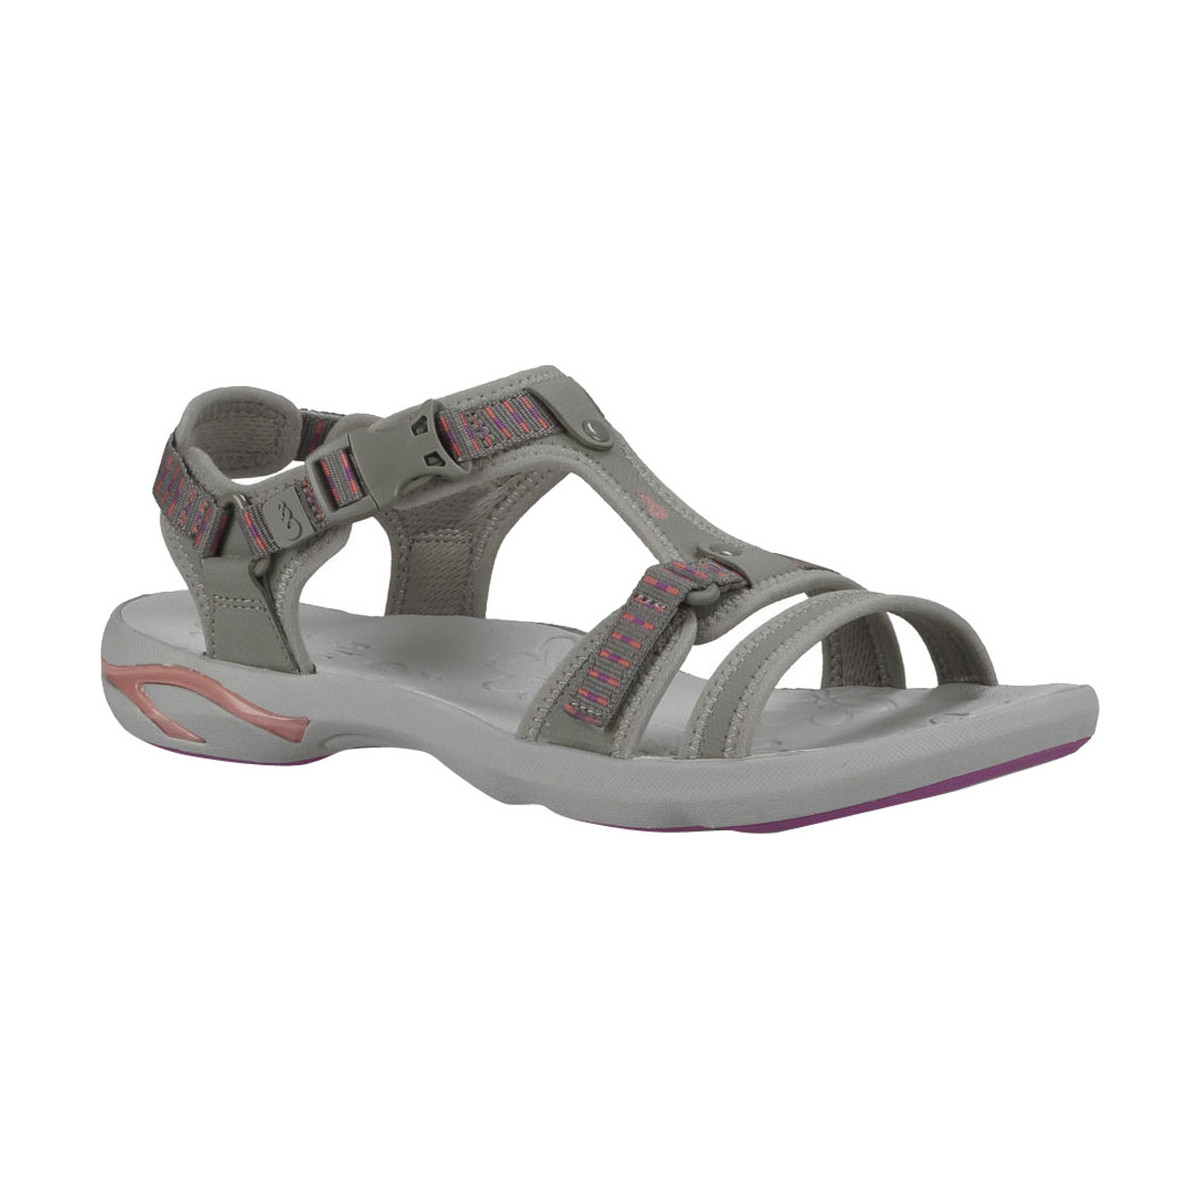 Ahnu Moonstone Sandal